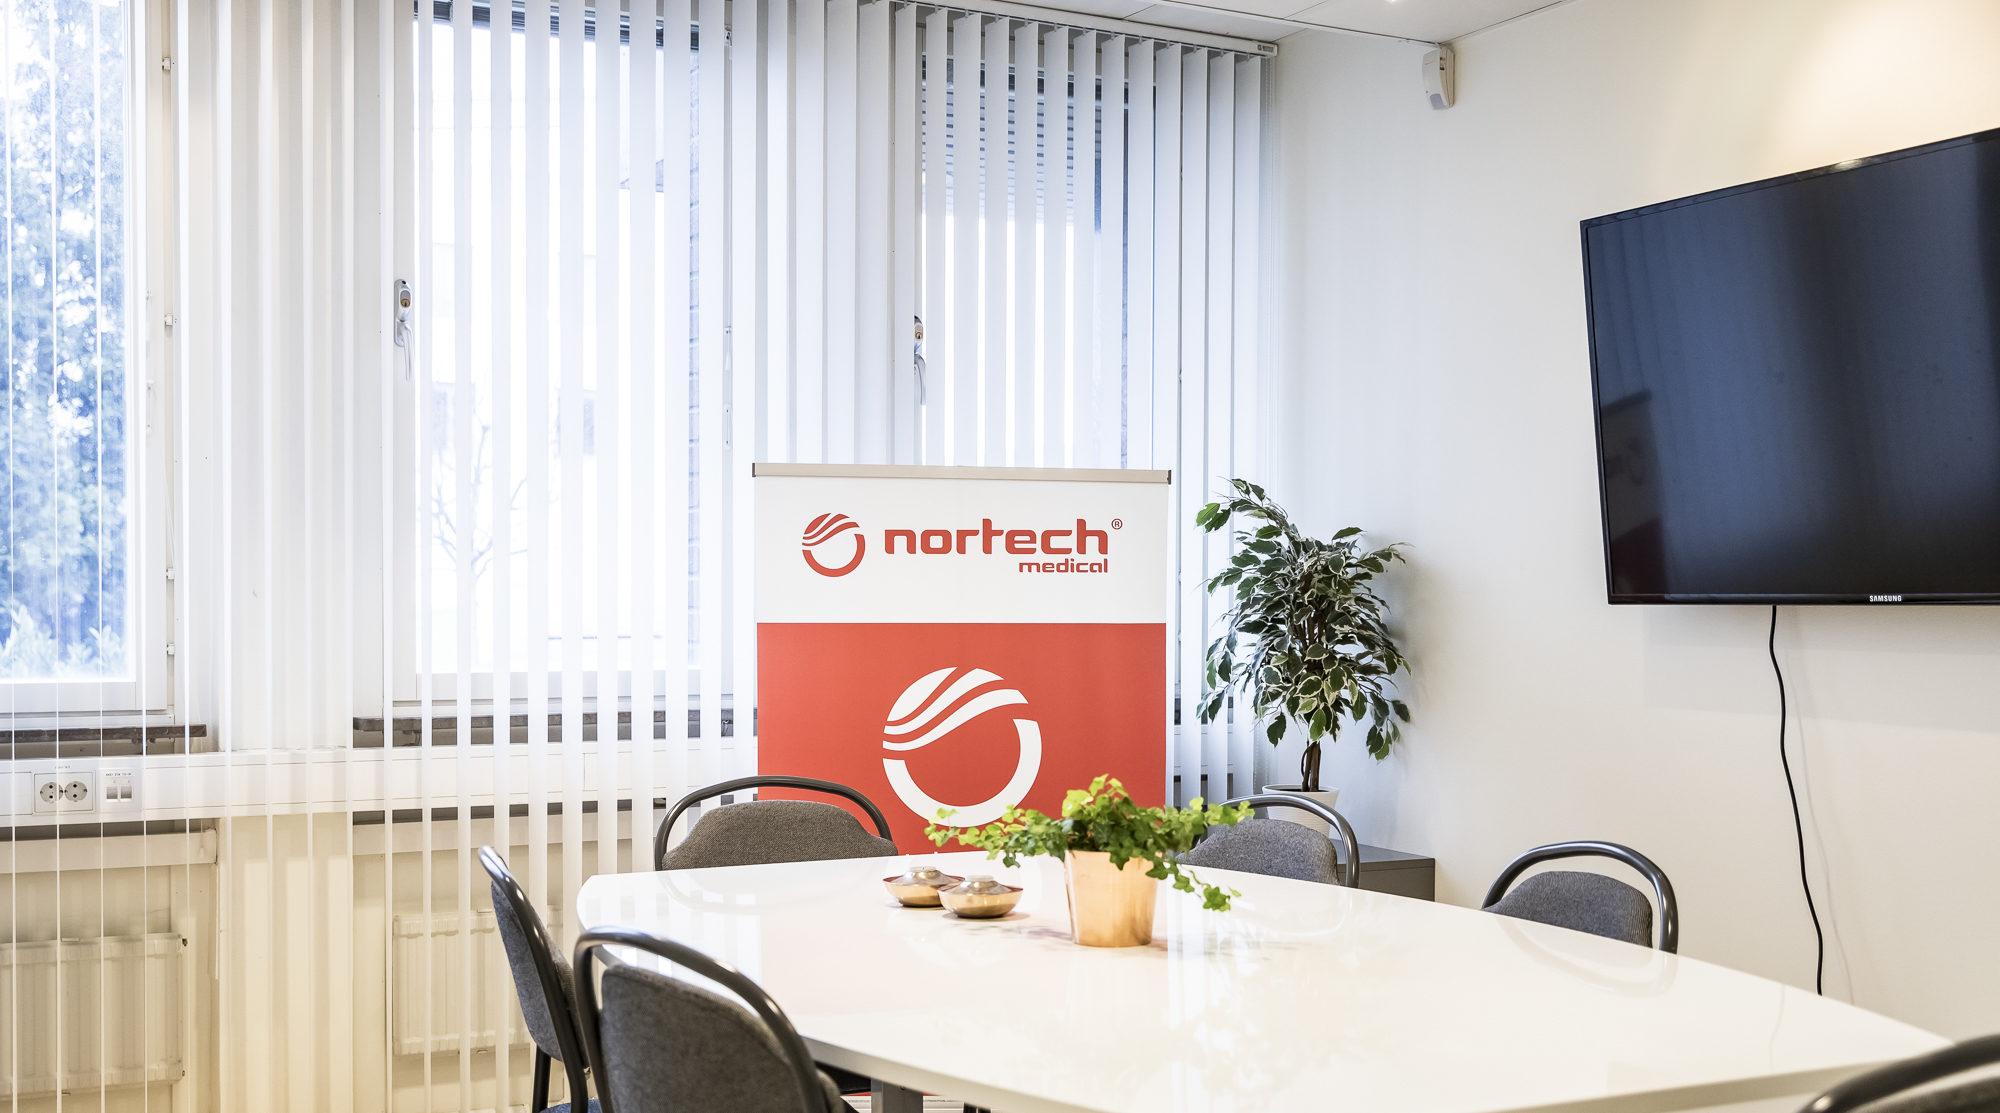 Nortech Medical